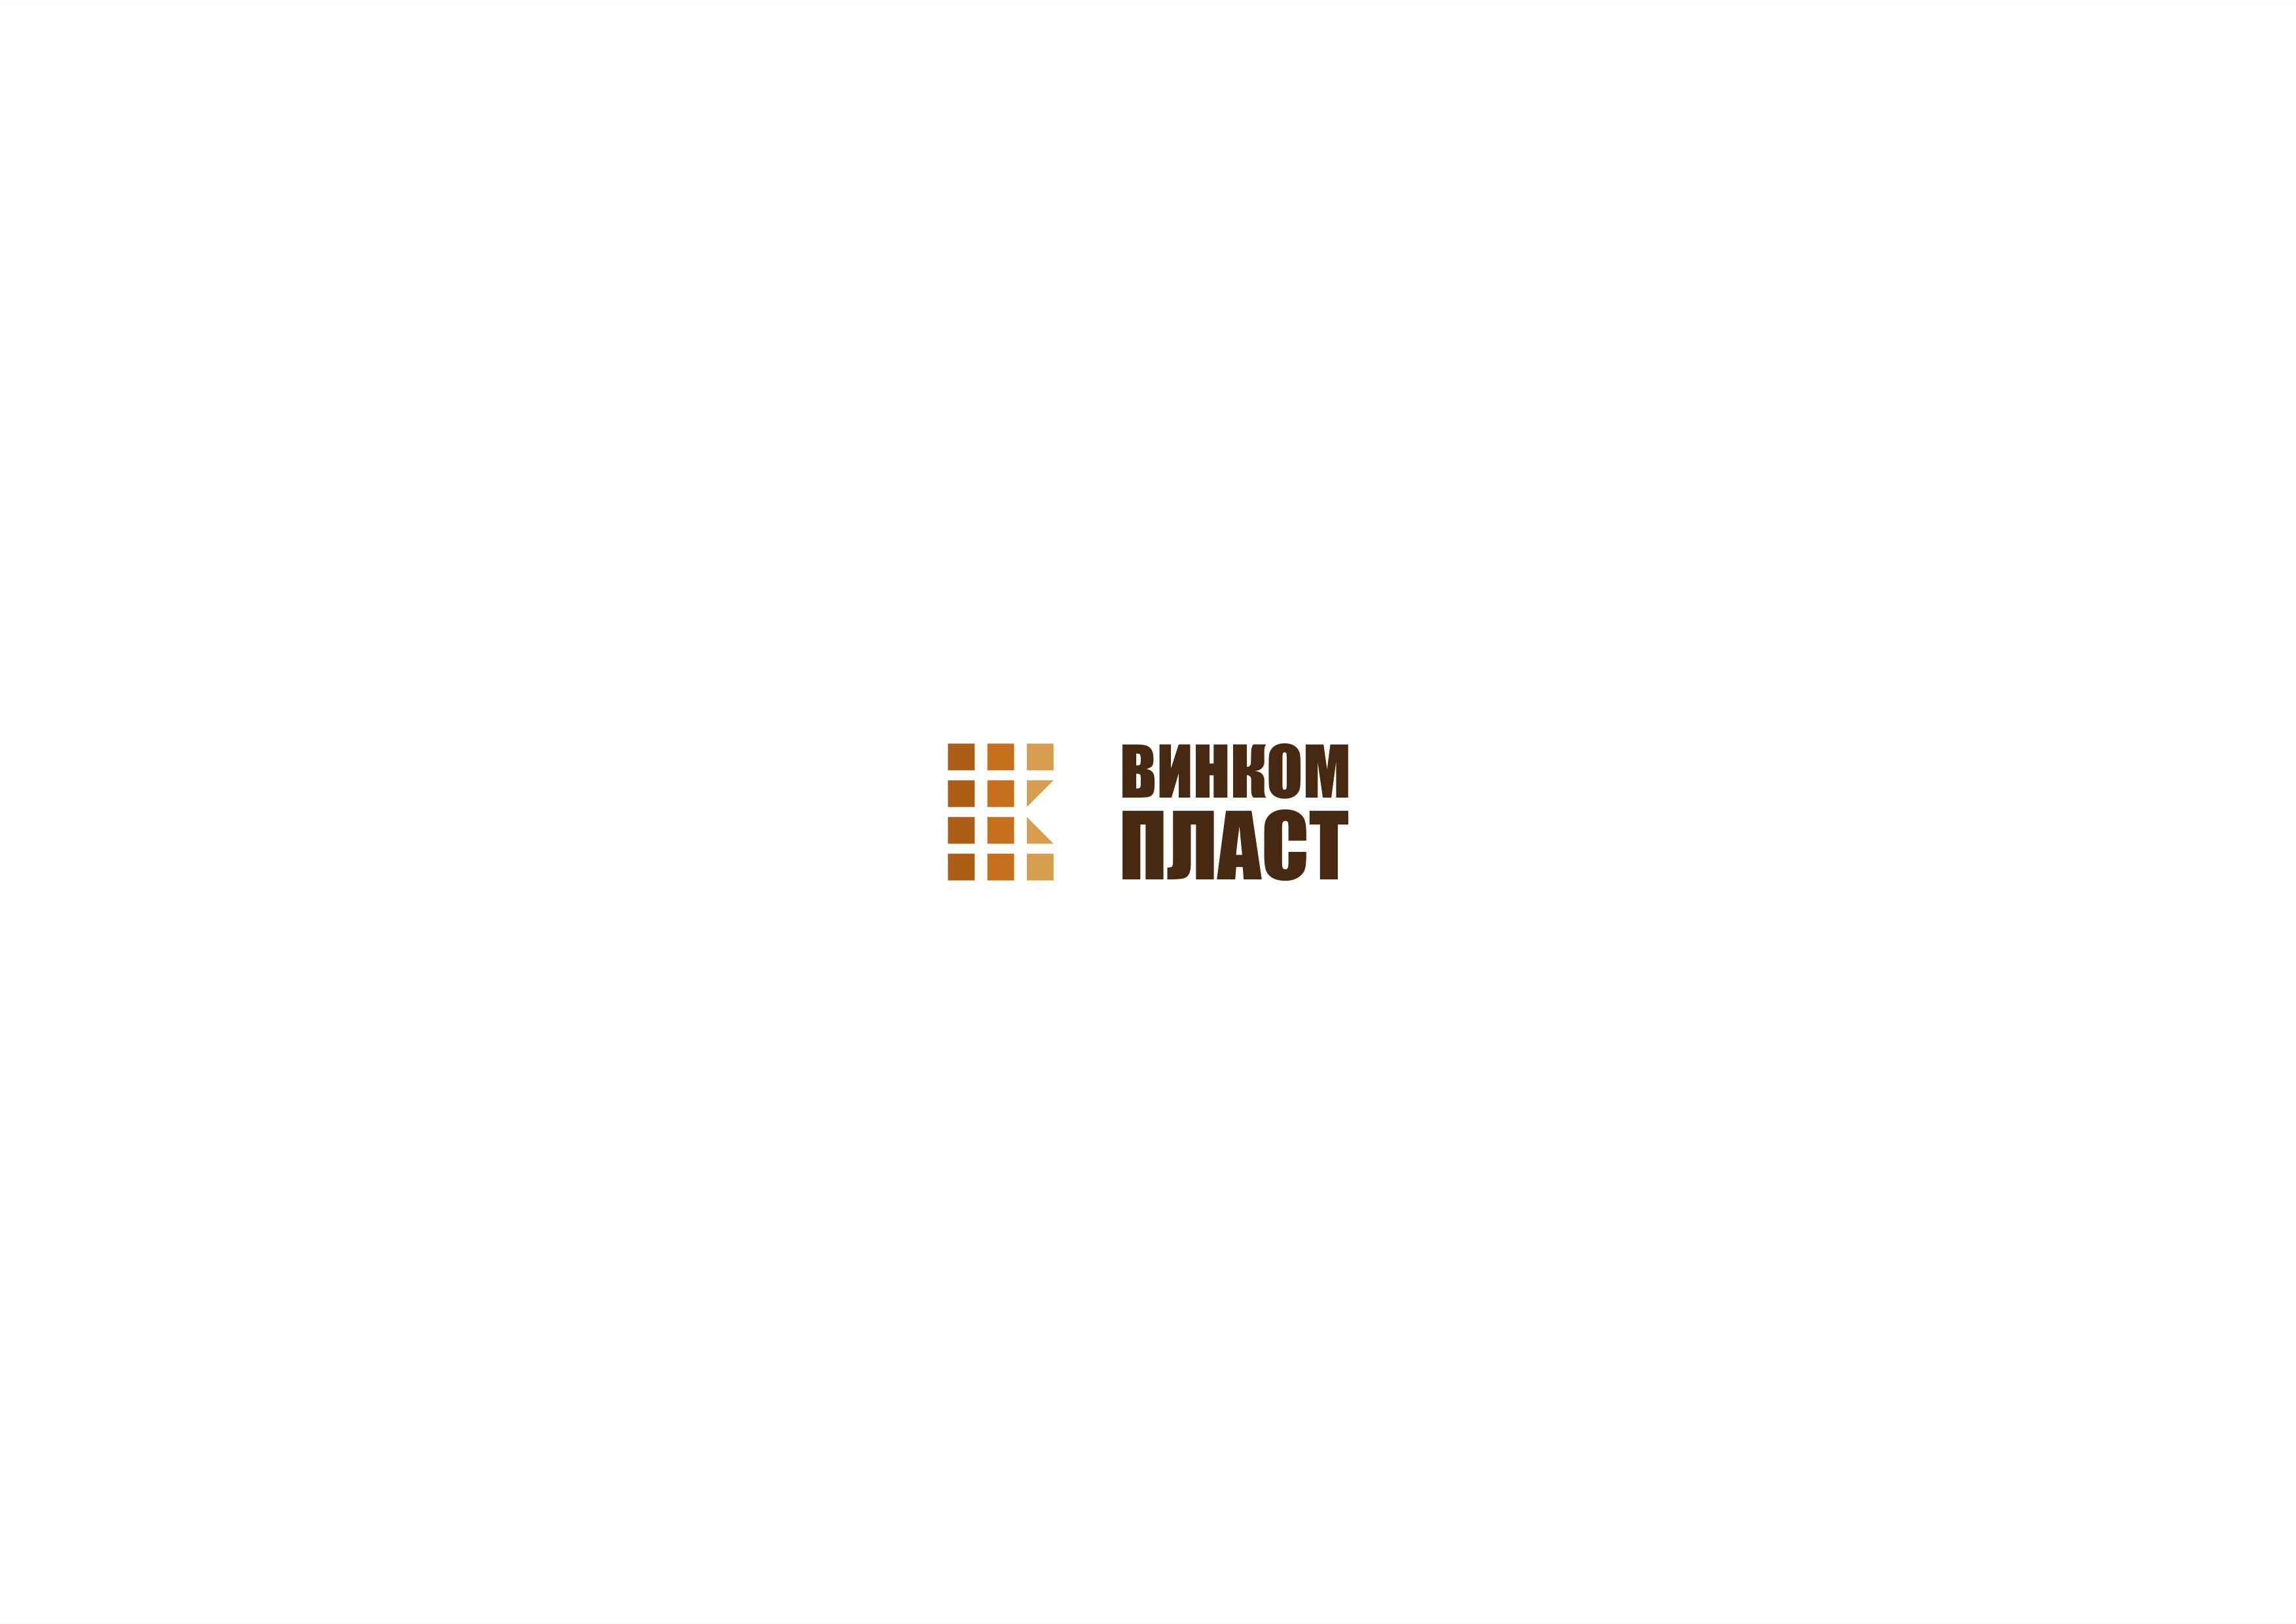 Логотип, фавикон и визитка для компании Винком Пласт  фото f_9055c39d9e04d9cd.png